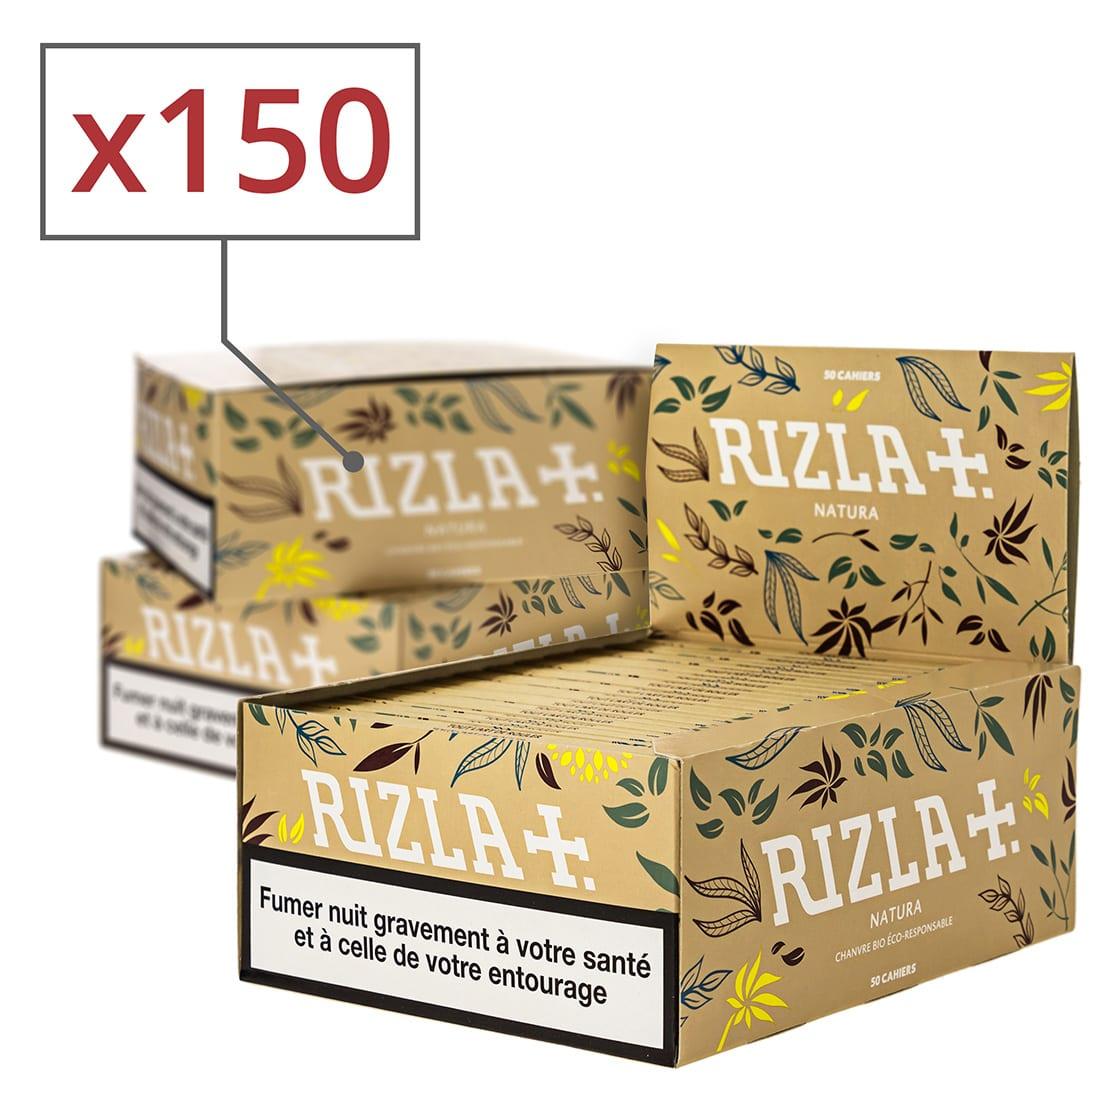 Photo de Papier à rouler Rizla + Natura Slim x 50 Pack de 3